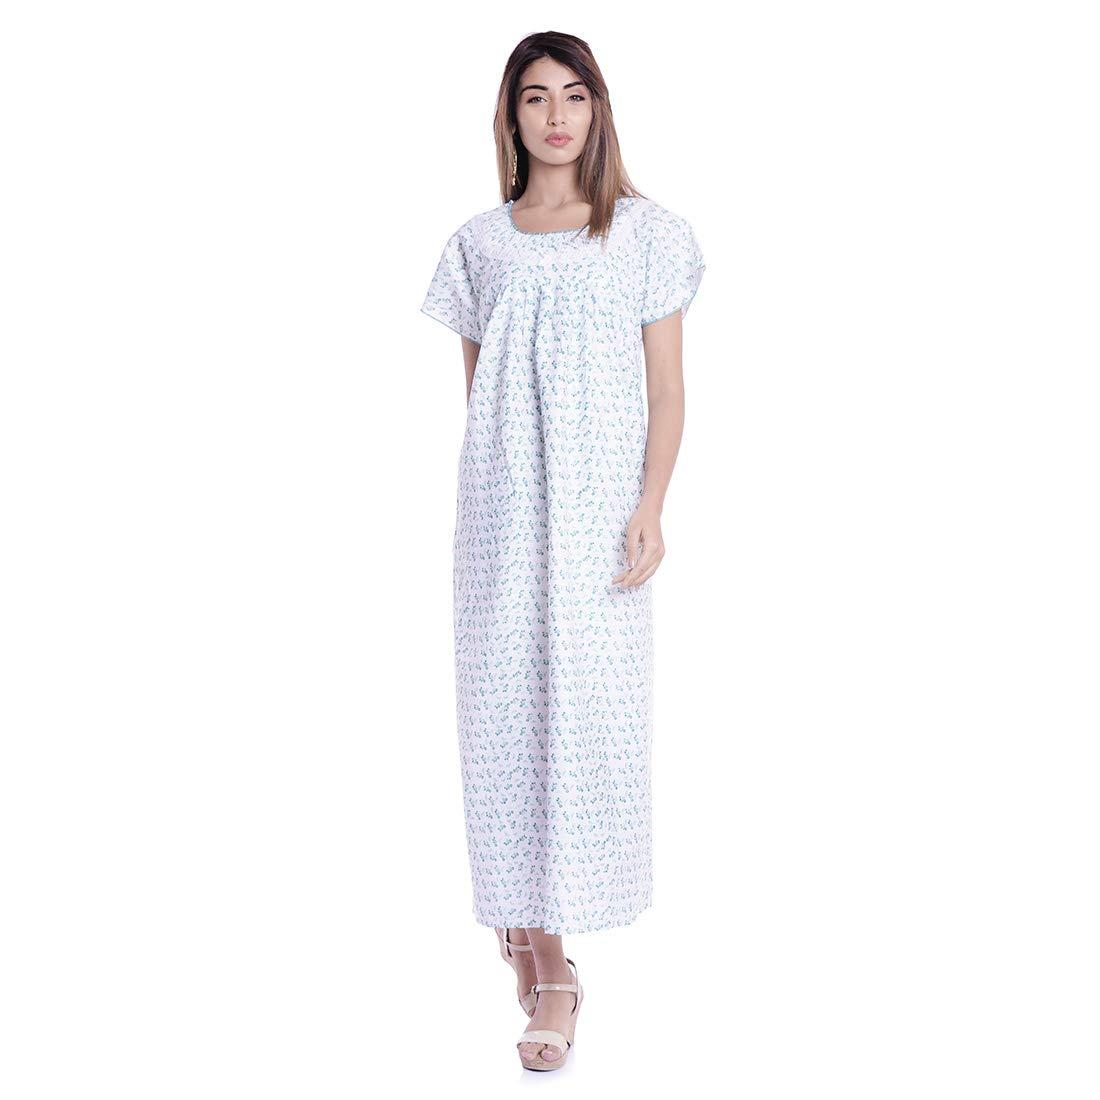 1ba9bff0a4 Nightwear long gown hippie nighty dress flower print sleepwear gown white  clothing jpg 1100x1100 Beach wear